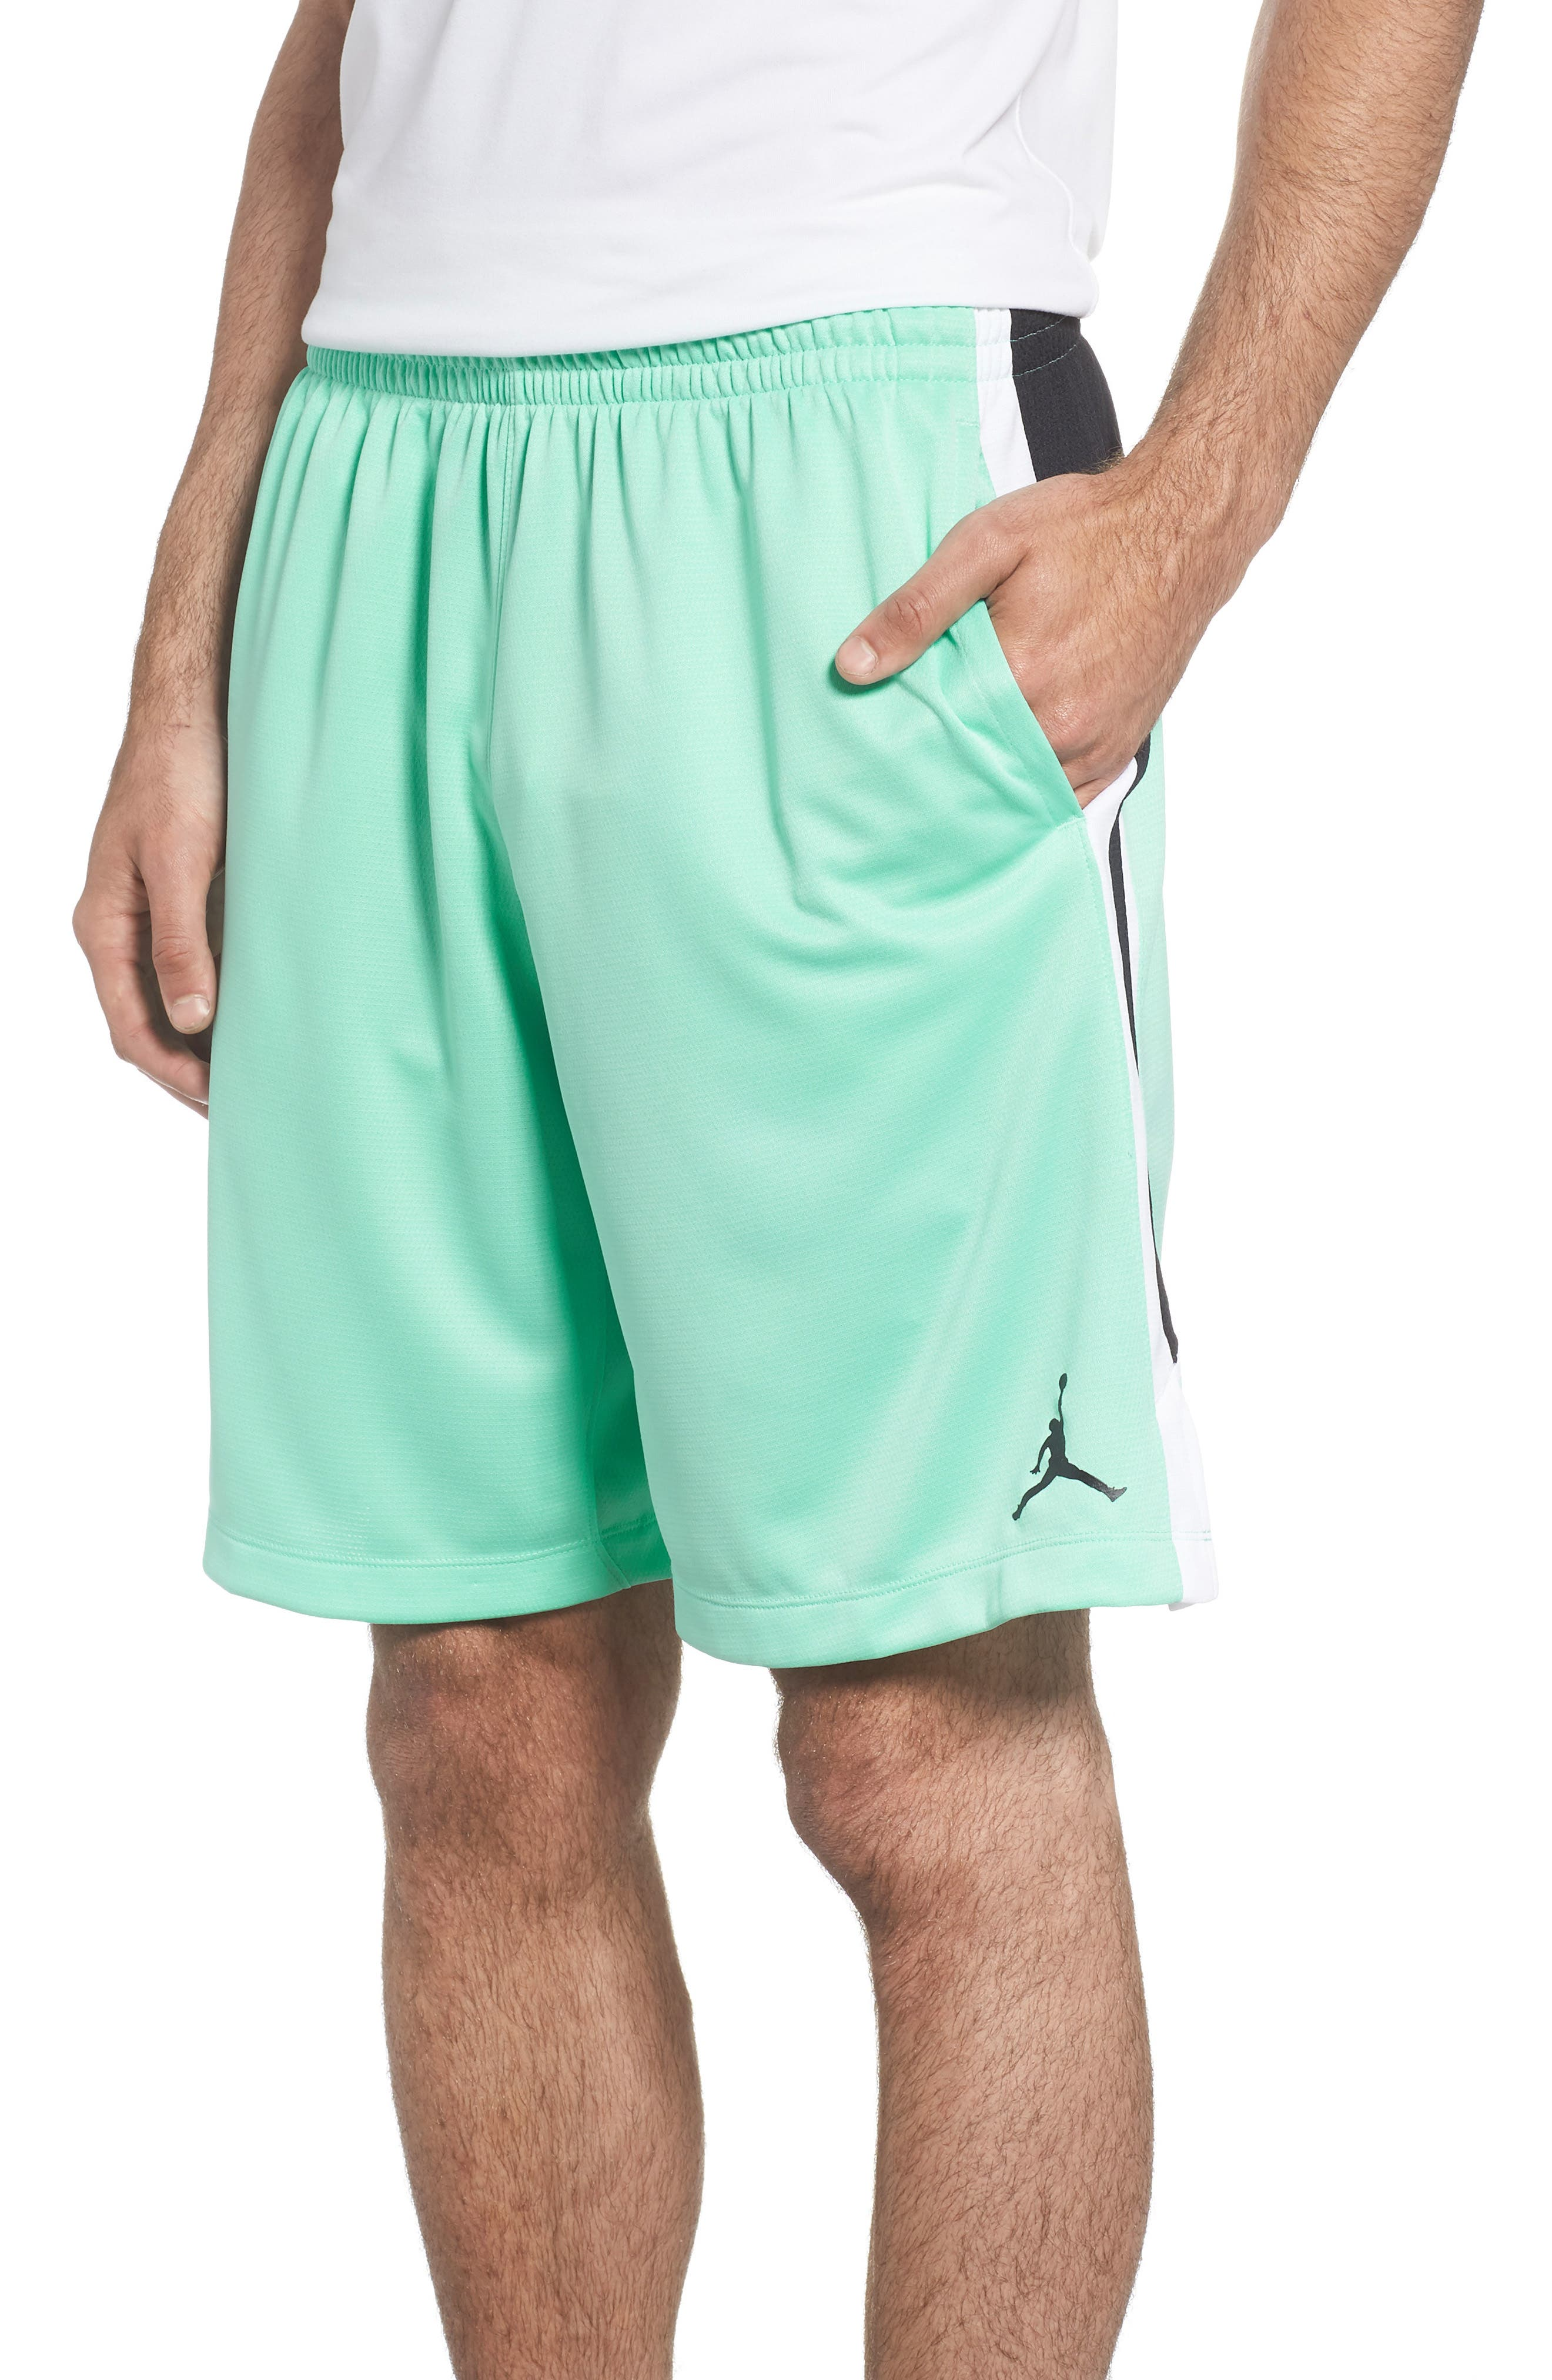 Jordan Dry Flight Shorts,                             Main thumbnail 1, color,                             Emerald Rise/ Black/ White